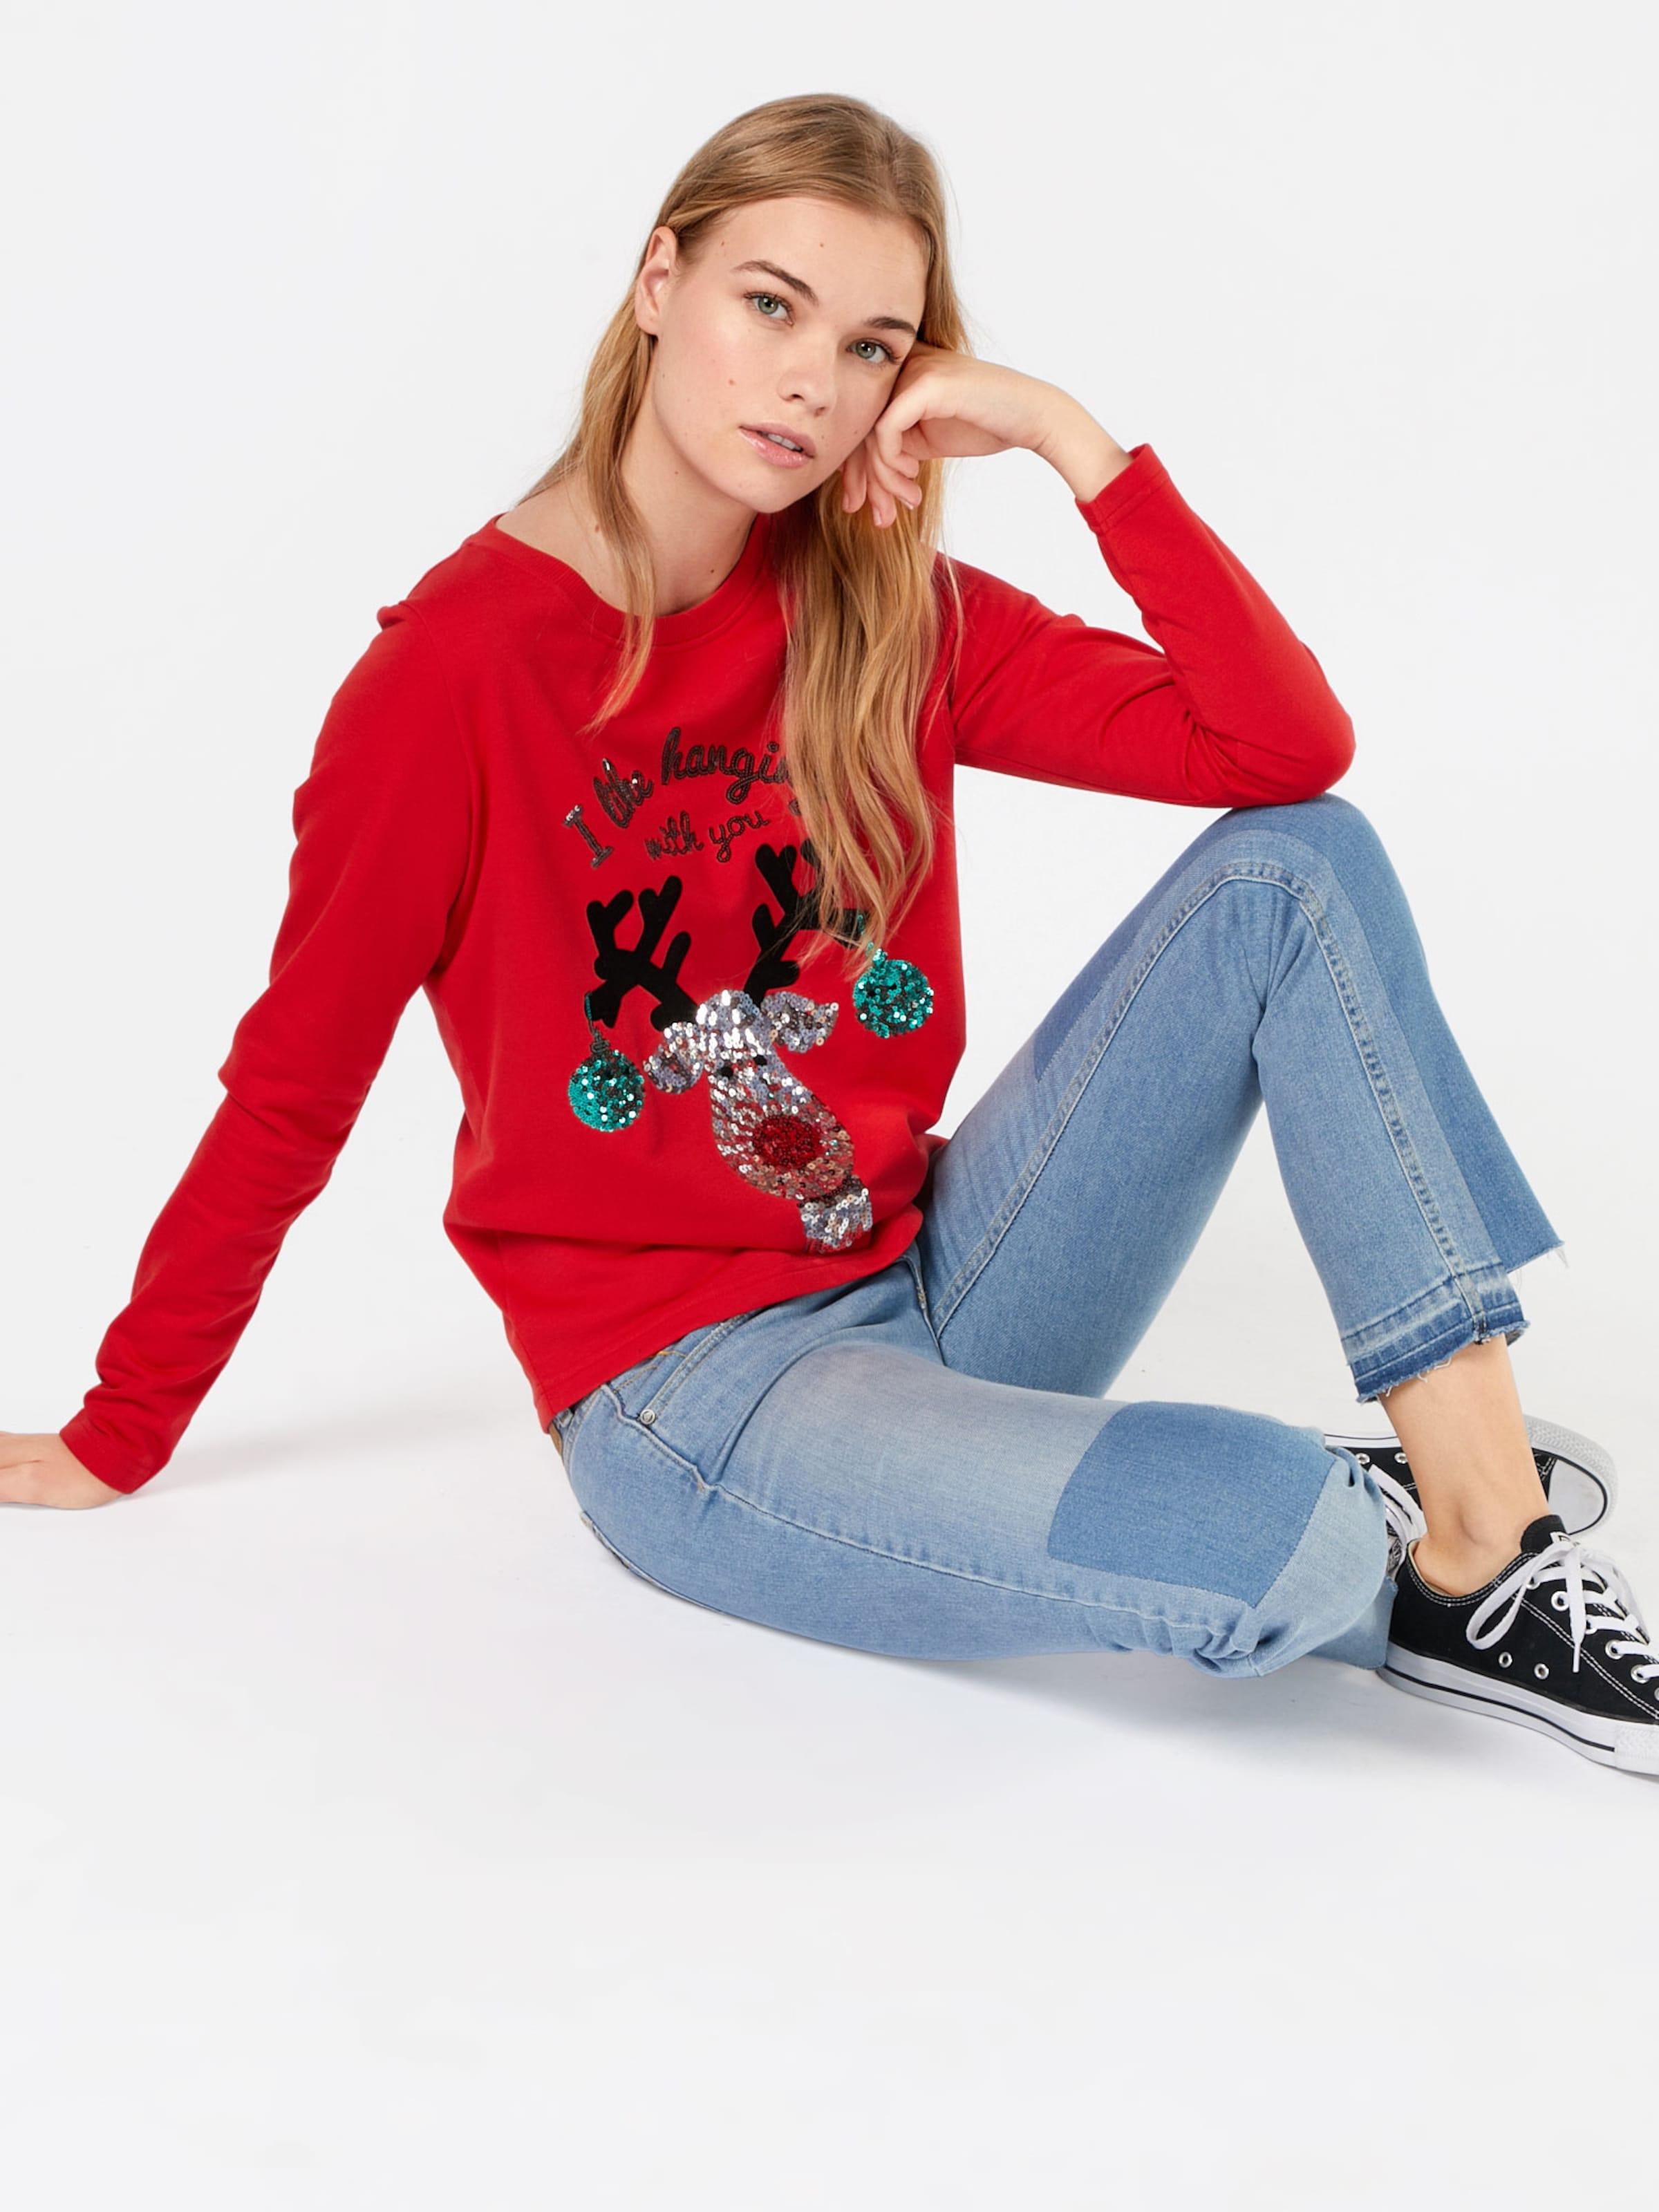 ONLY Weihnachts Strickpullover Neueste p4U4pBDYV6